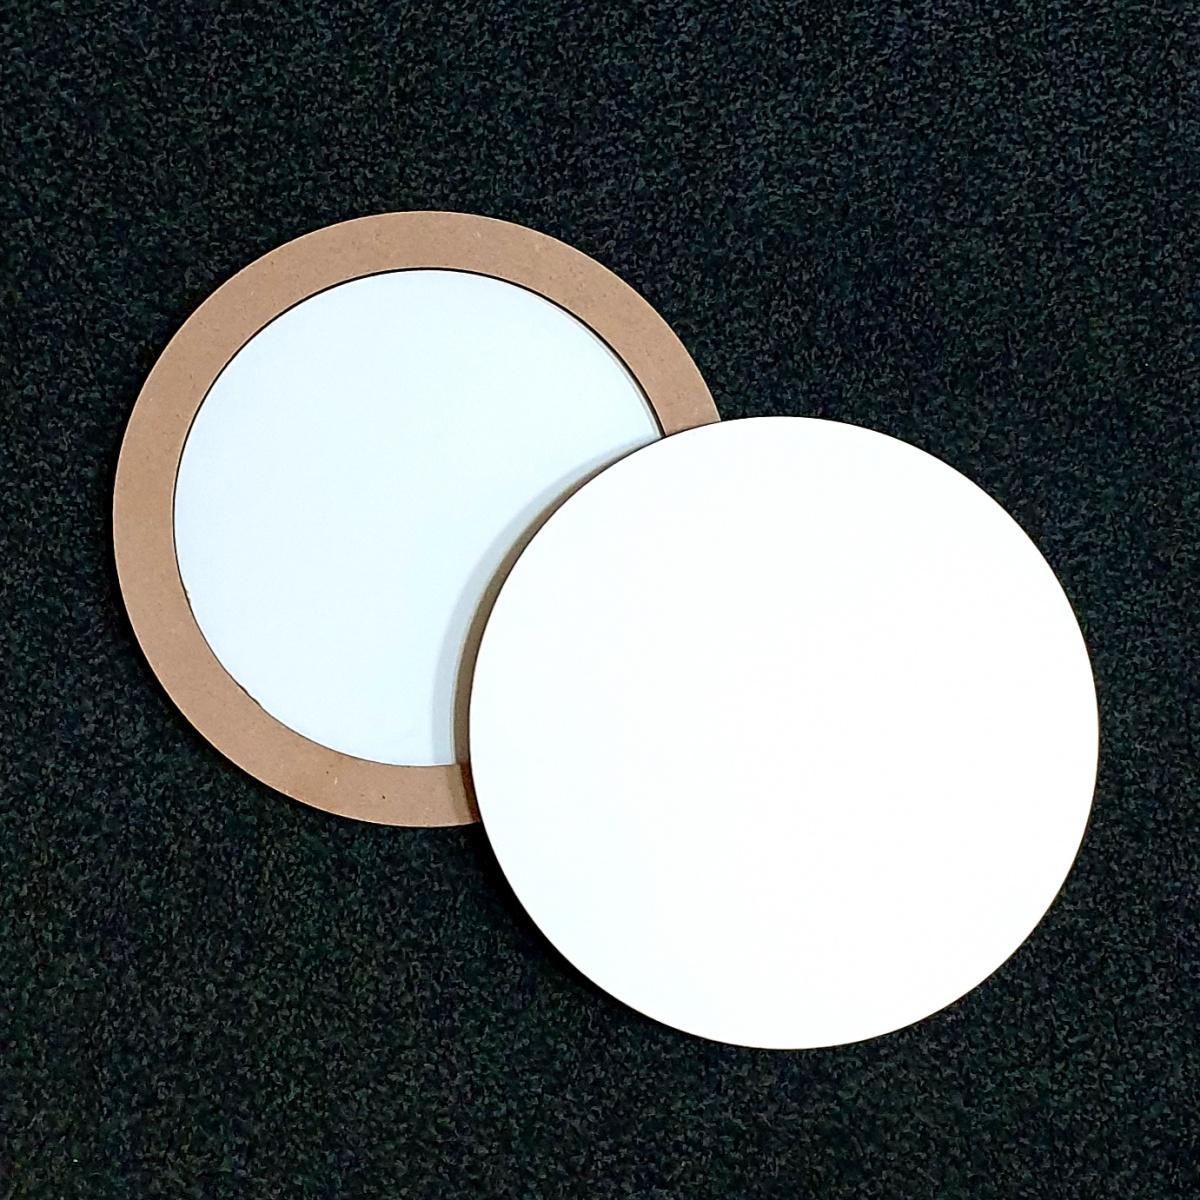 Купить Двусторонняя основа для картины на подрамнике с усилением 0, 5 см - форма круг 30 см, ResinArt, Франция